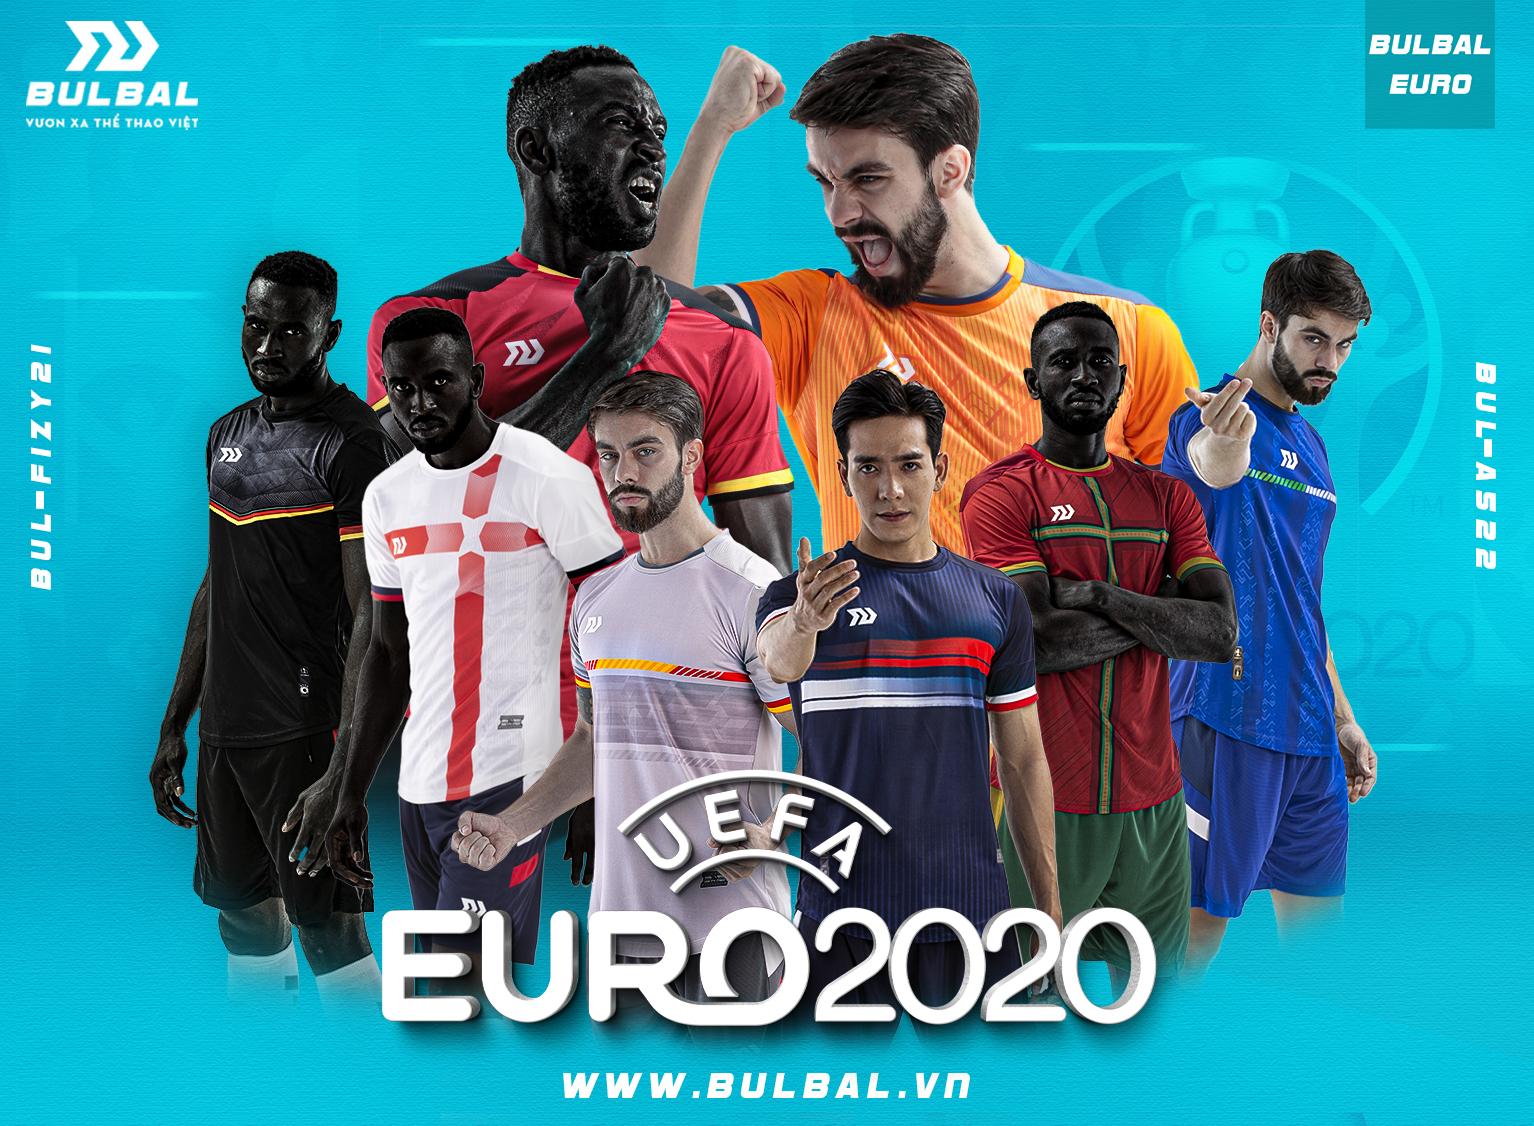 BULBAL EURO